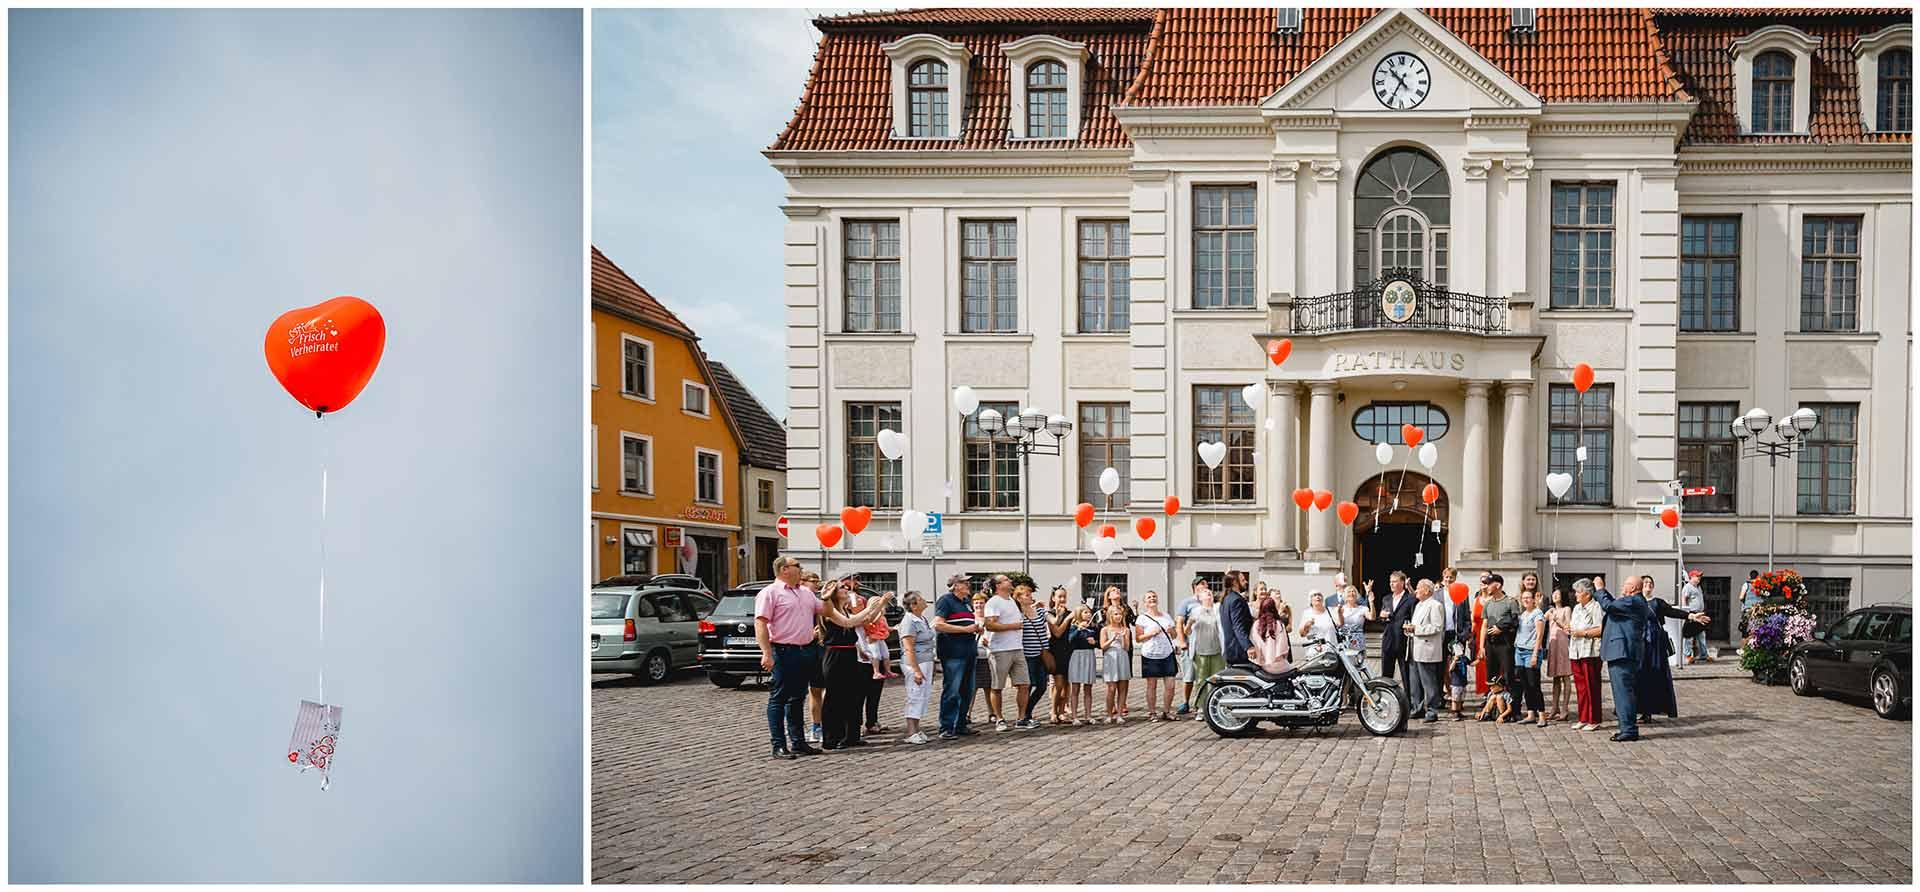 Hochzeitsgäste vor dem Rathaus Teterow lassen Luftballons steigen - Hochzeitsfotograf in Teterow